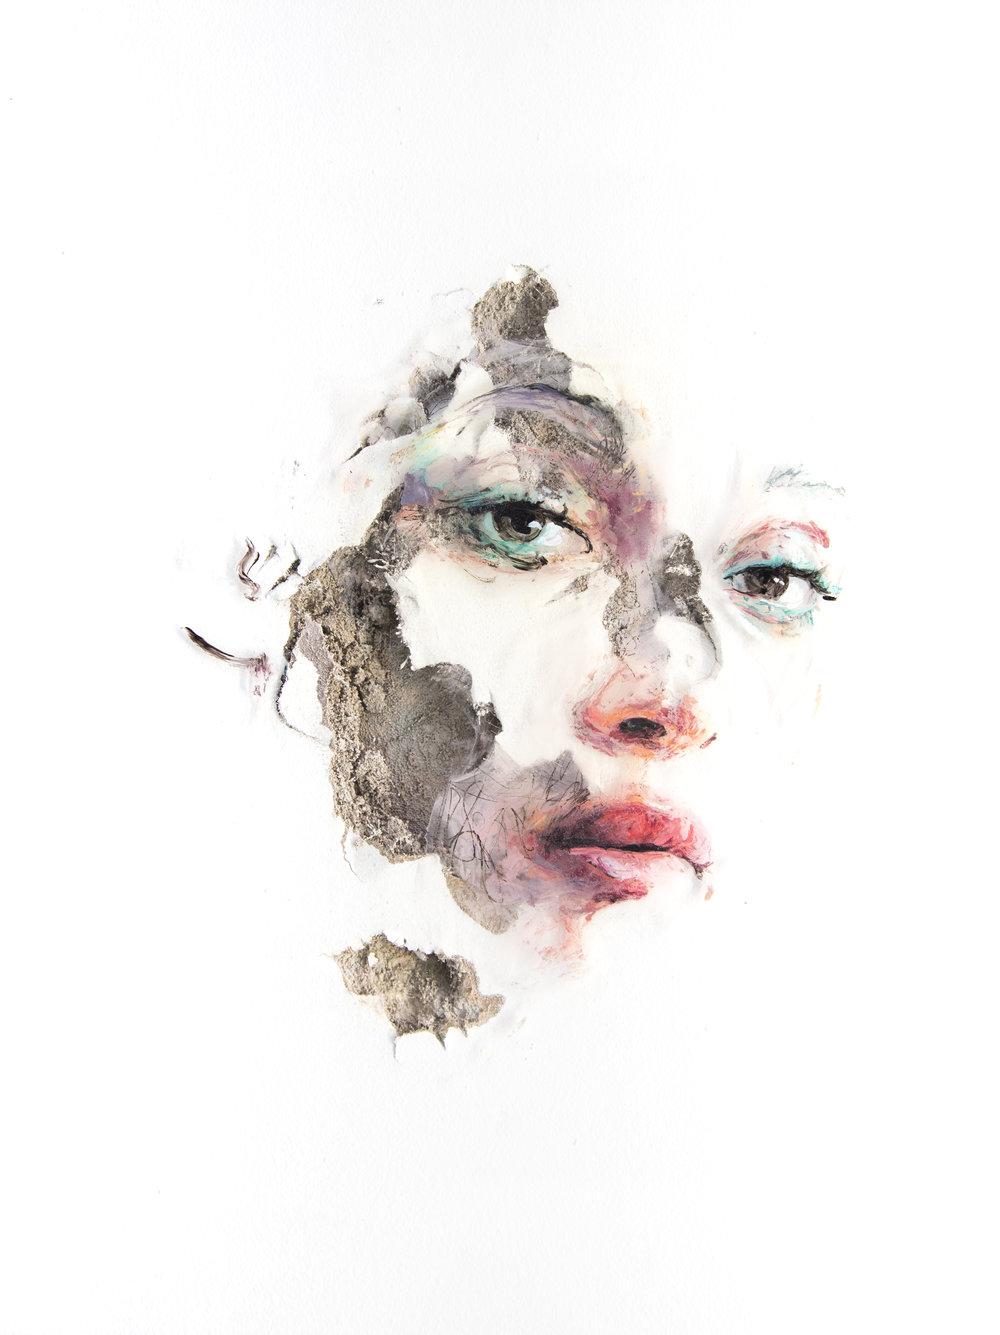 JUAN MIGUEL PALACIOS | WOUNDS LXXVII Technique mixte sur vinyle transparent et cloison | Mixed media on clear vinyl and drywall 2017 40,6 x 30,5 x 2,5 cm | 16 x 12 x 1 in